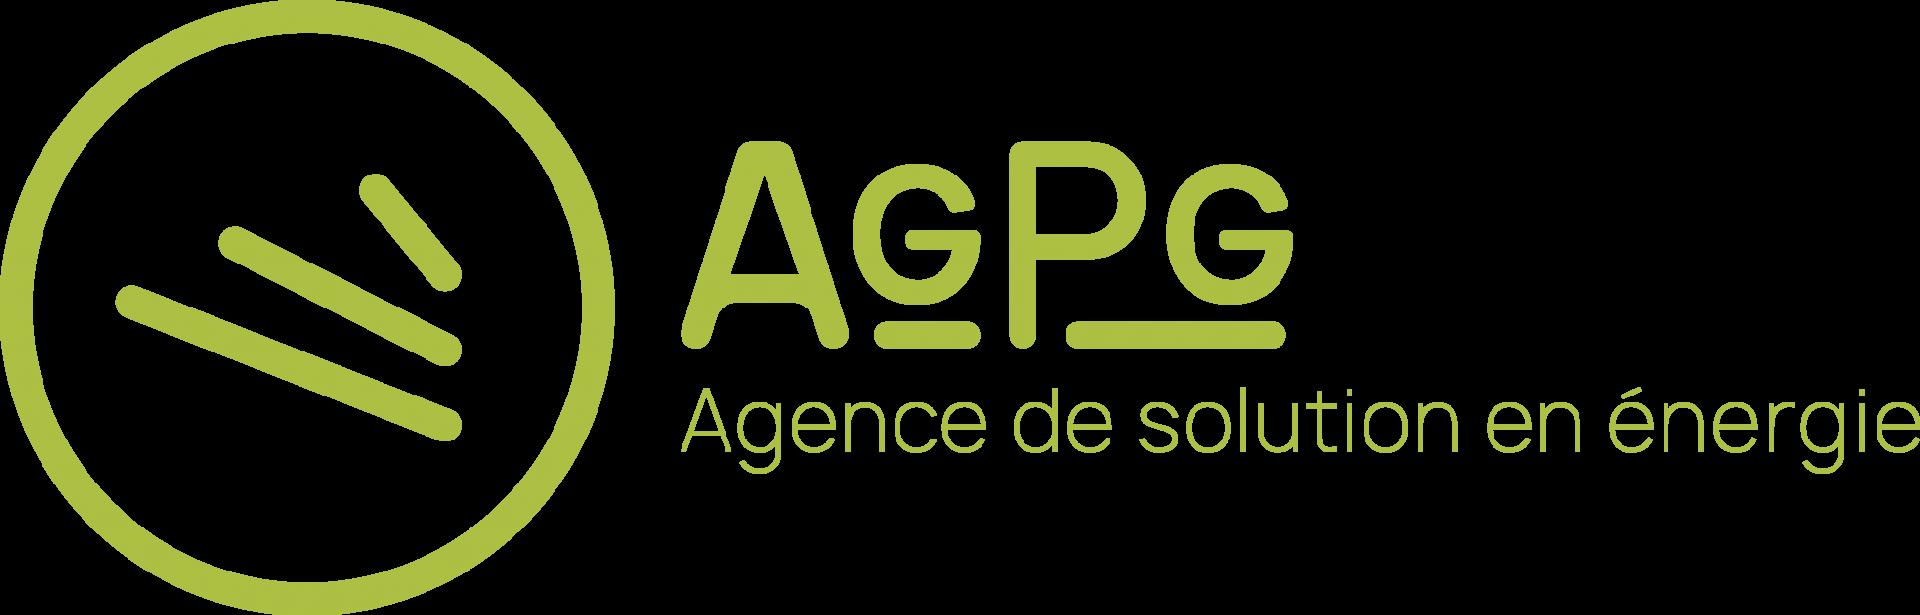 AGPG France : Solution en énergie